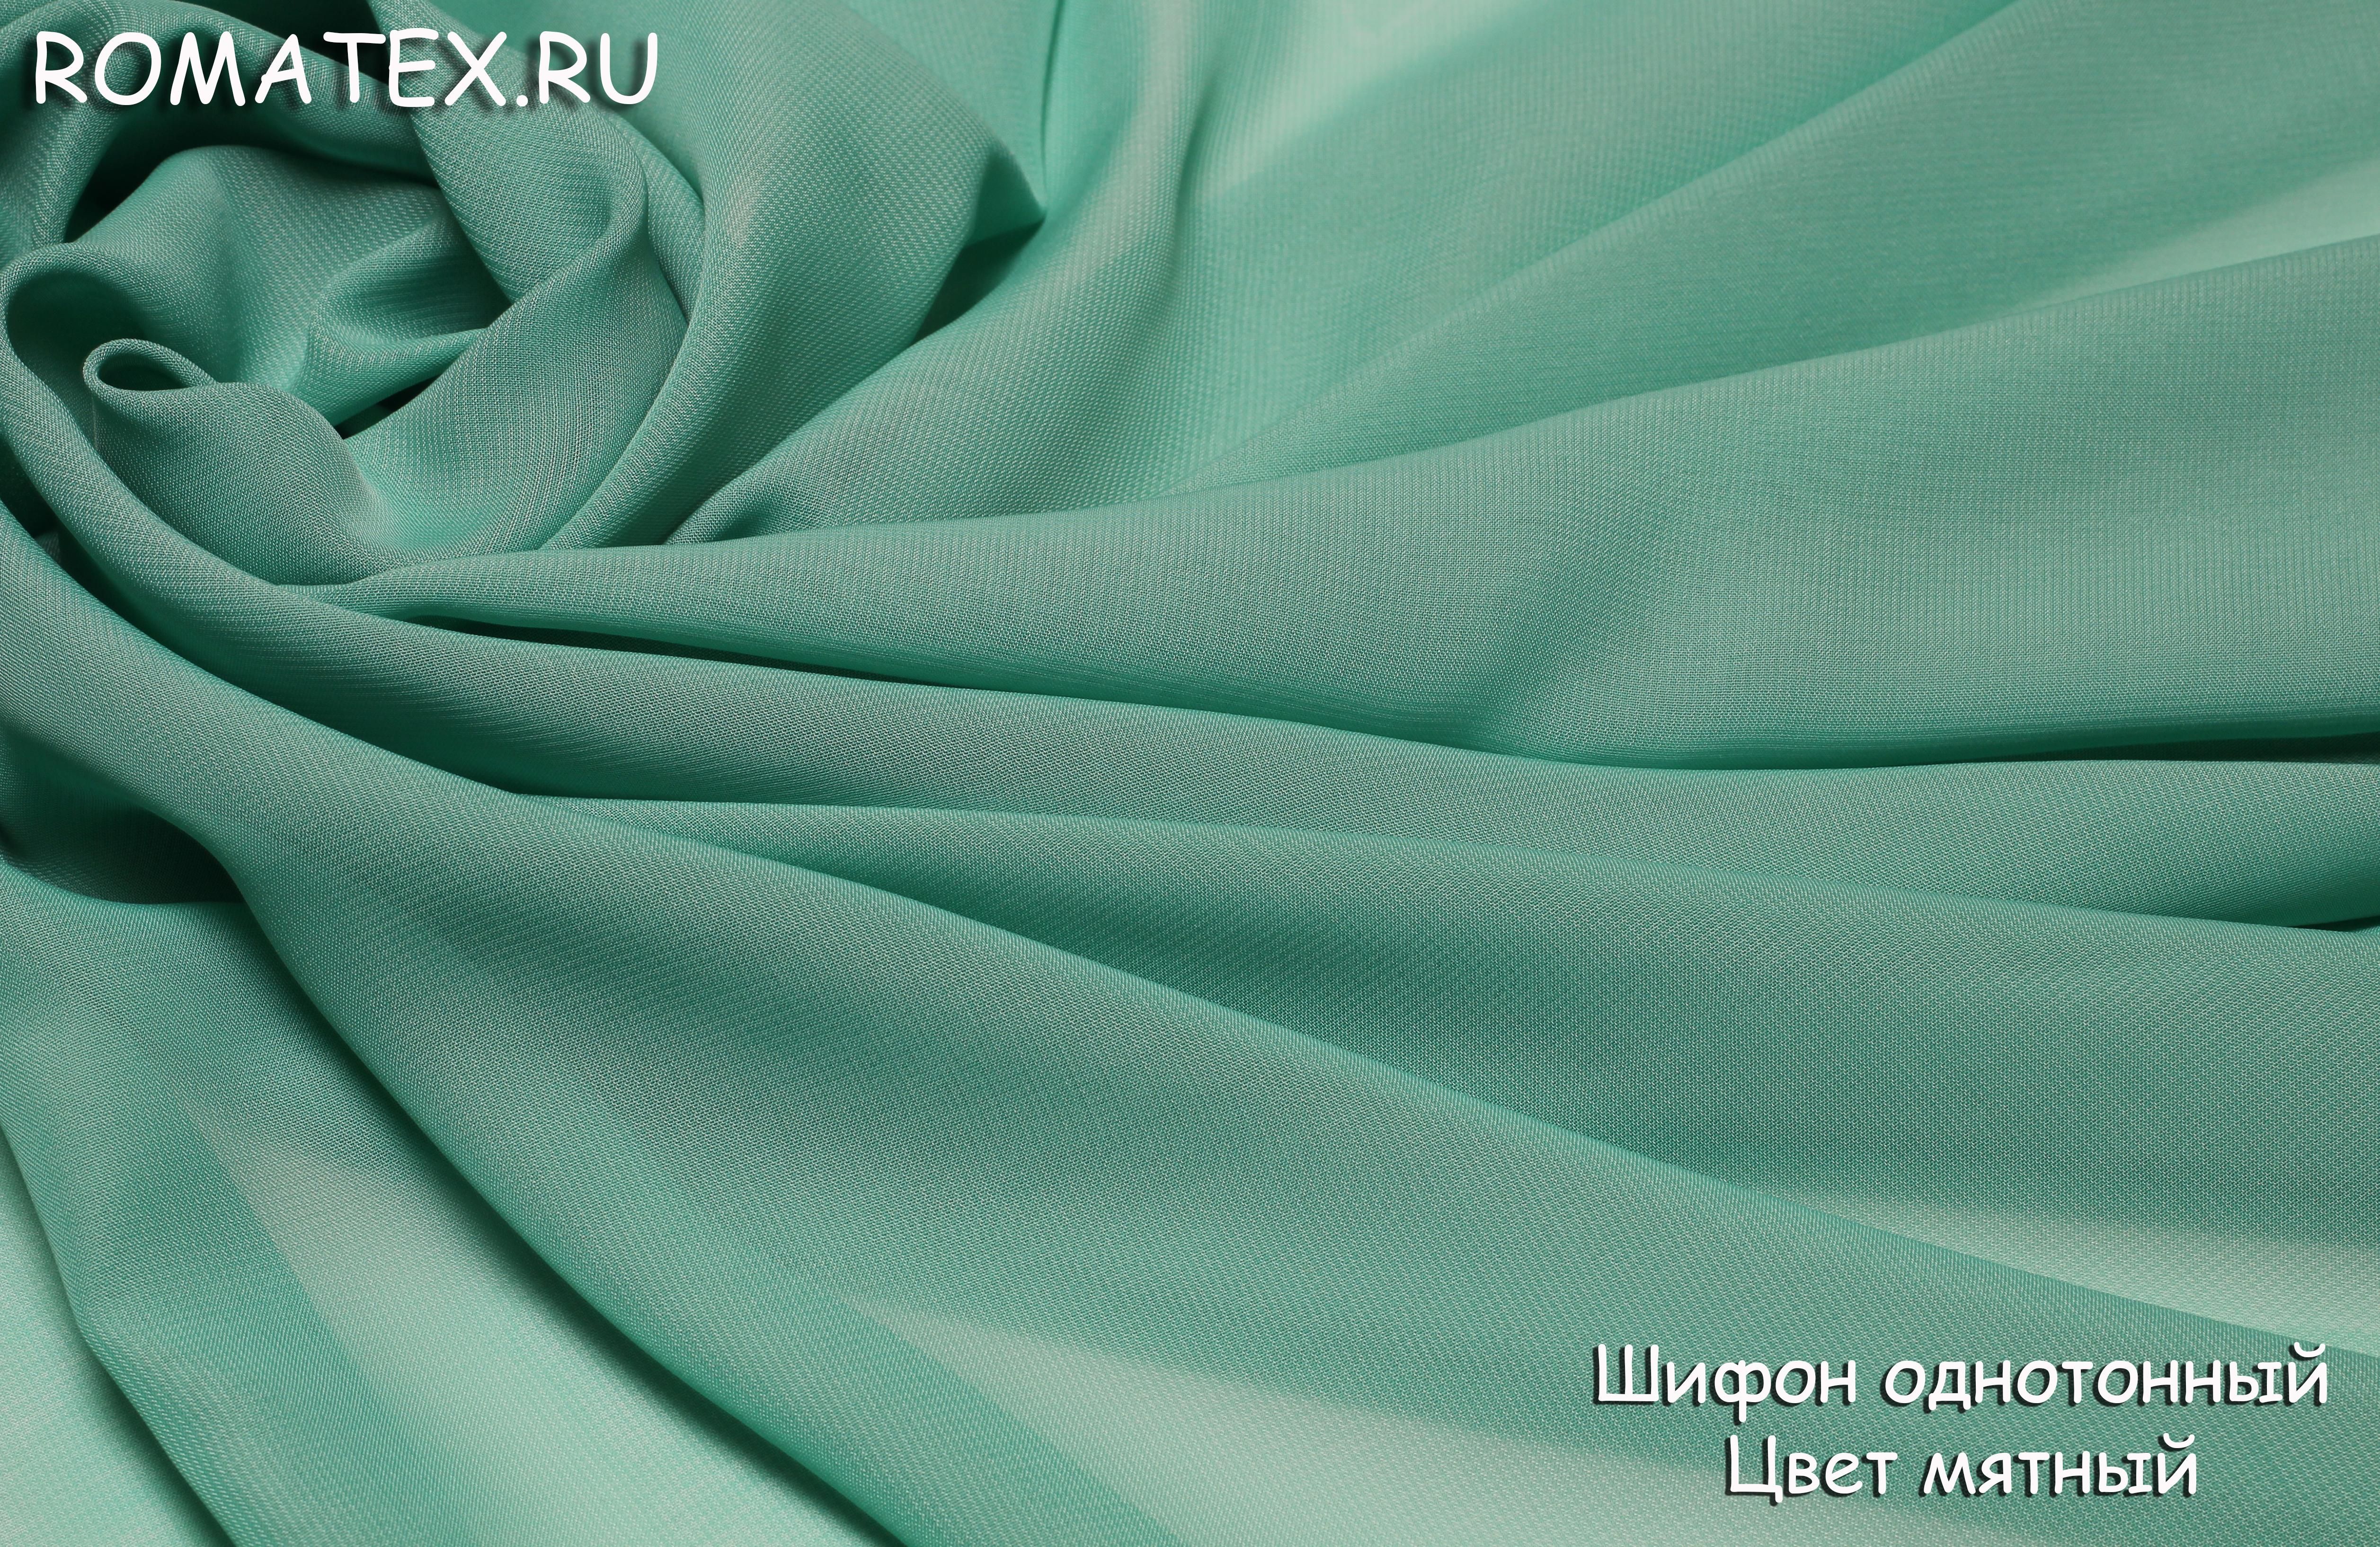 Шифон однотонный цвет мятный